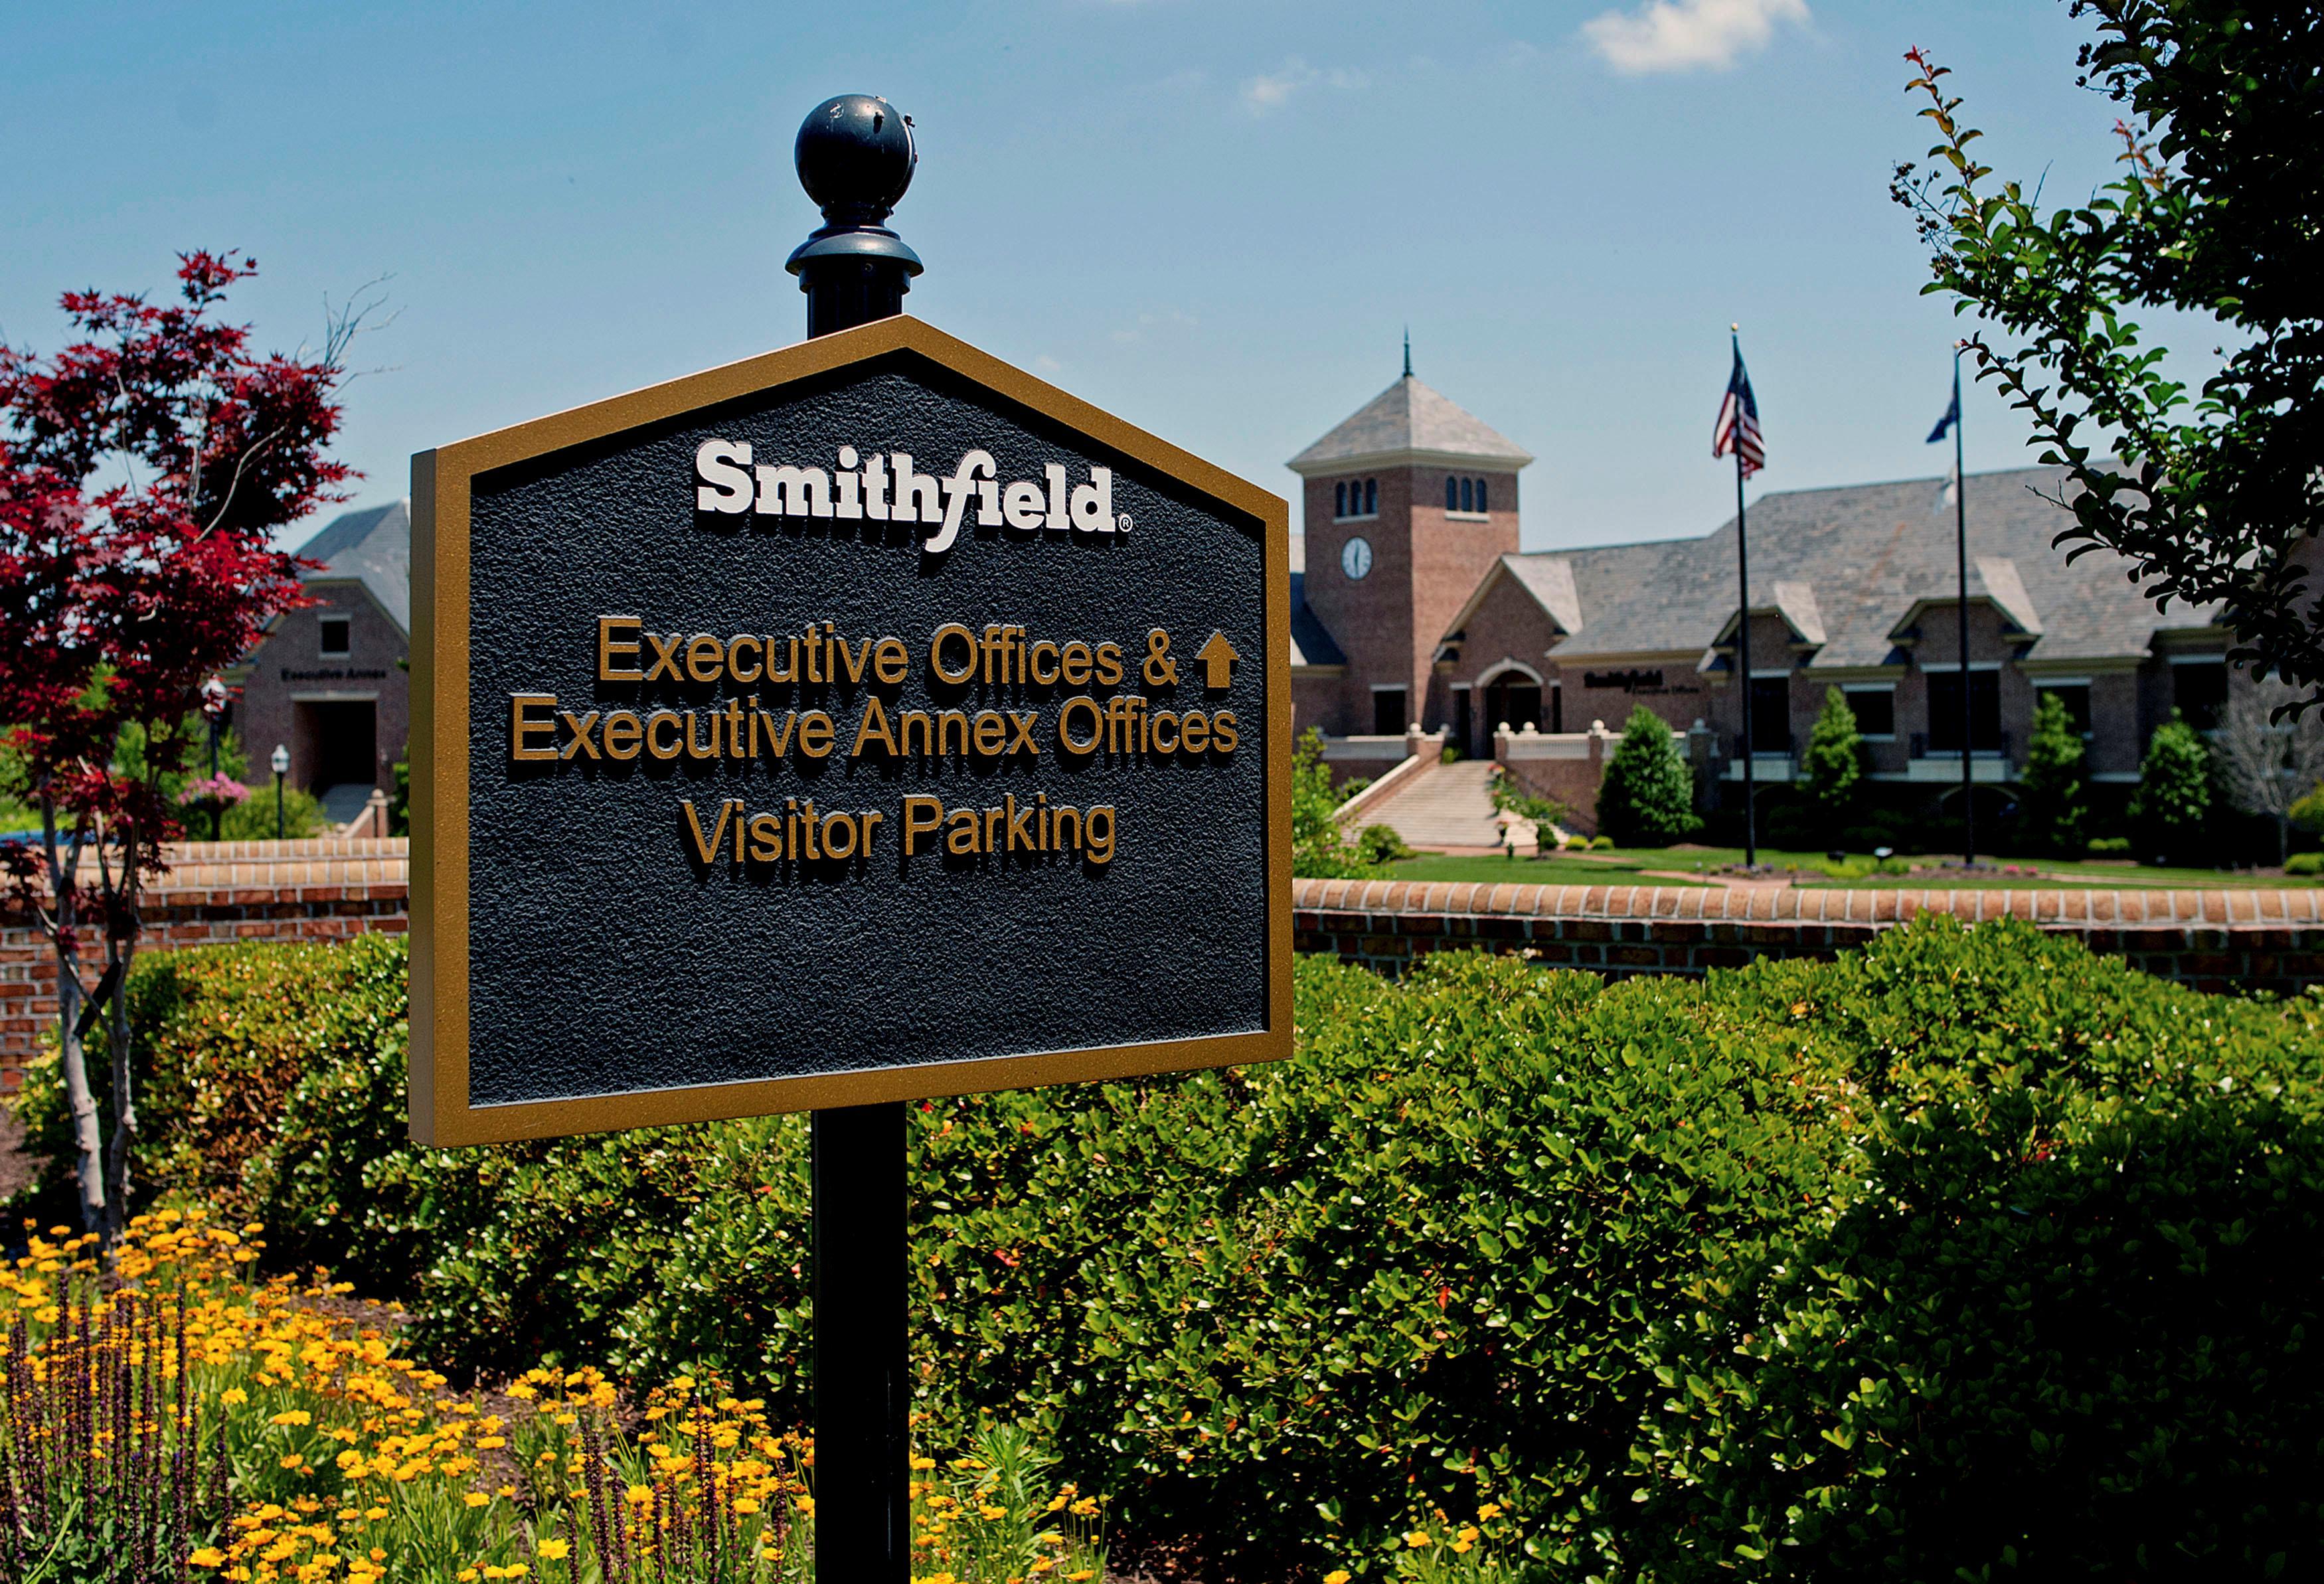 Pork giant Smithfield skips middlemen in grain supply chain